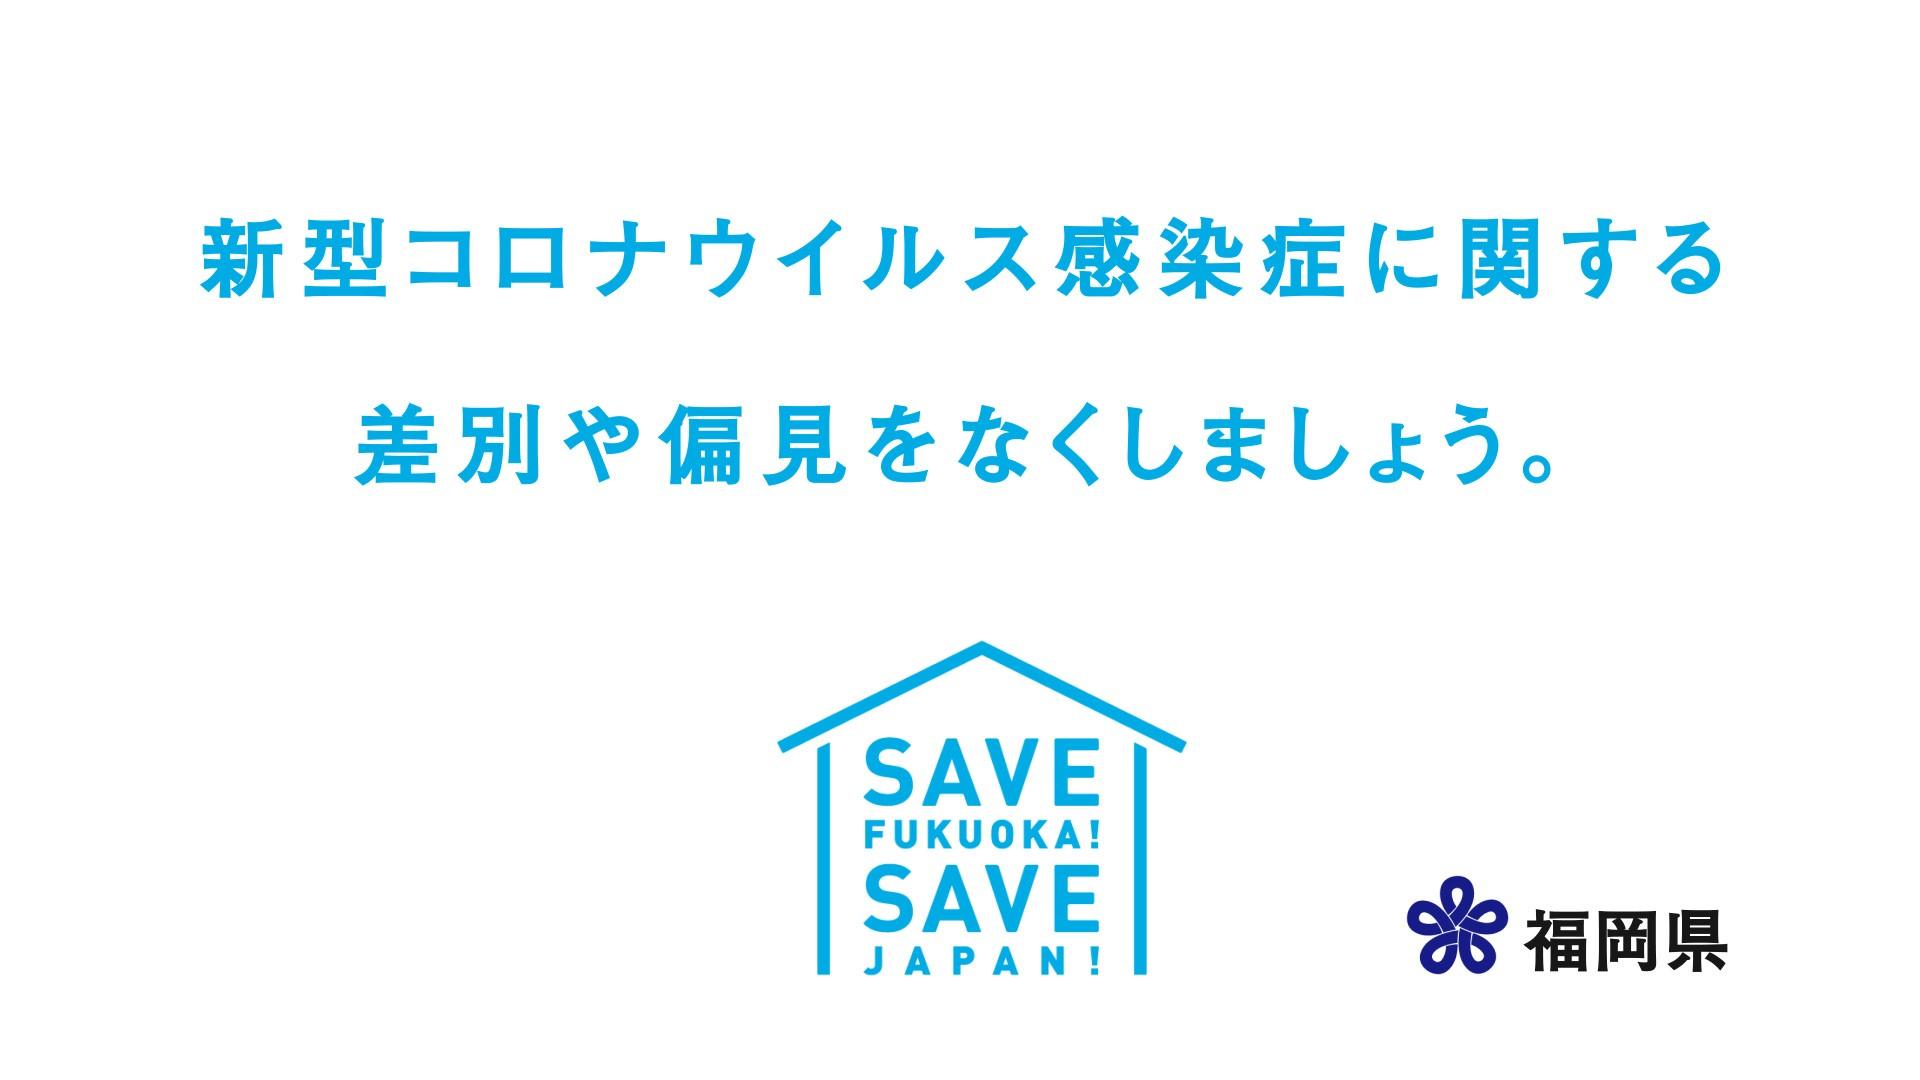 コロナ 柳川 福岡